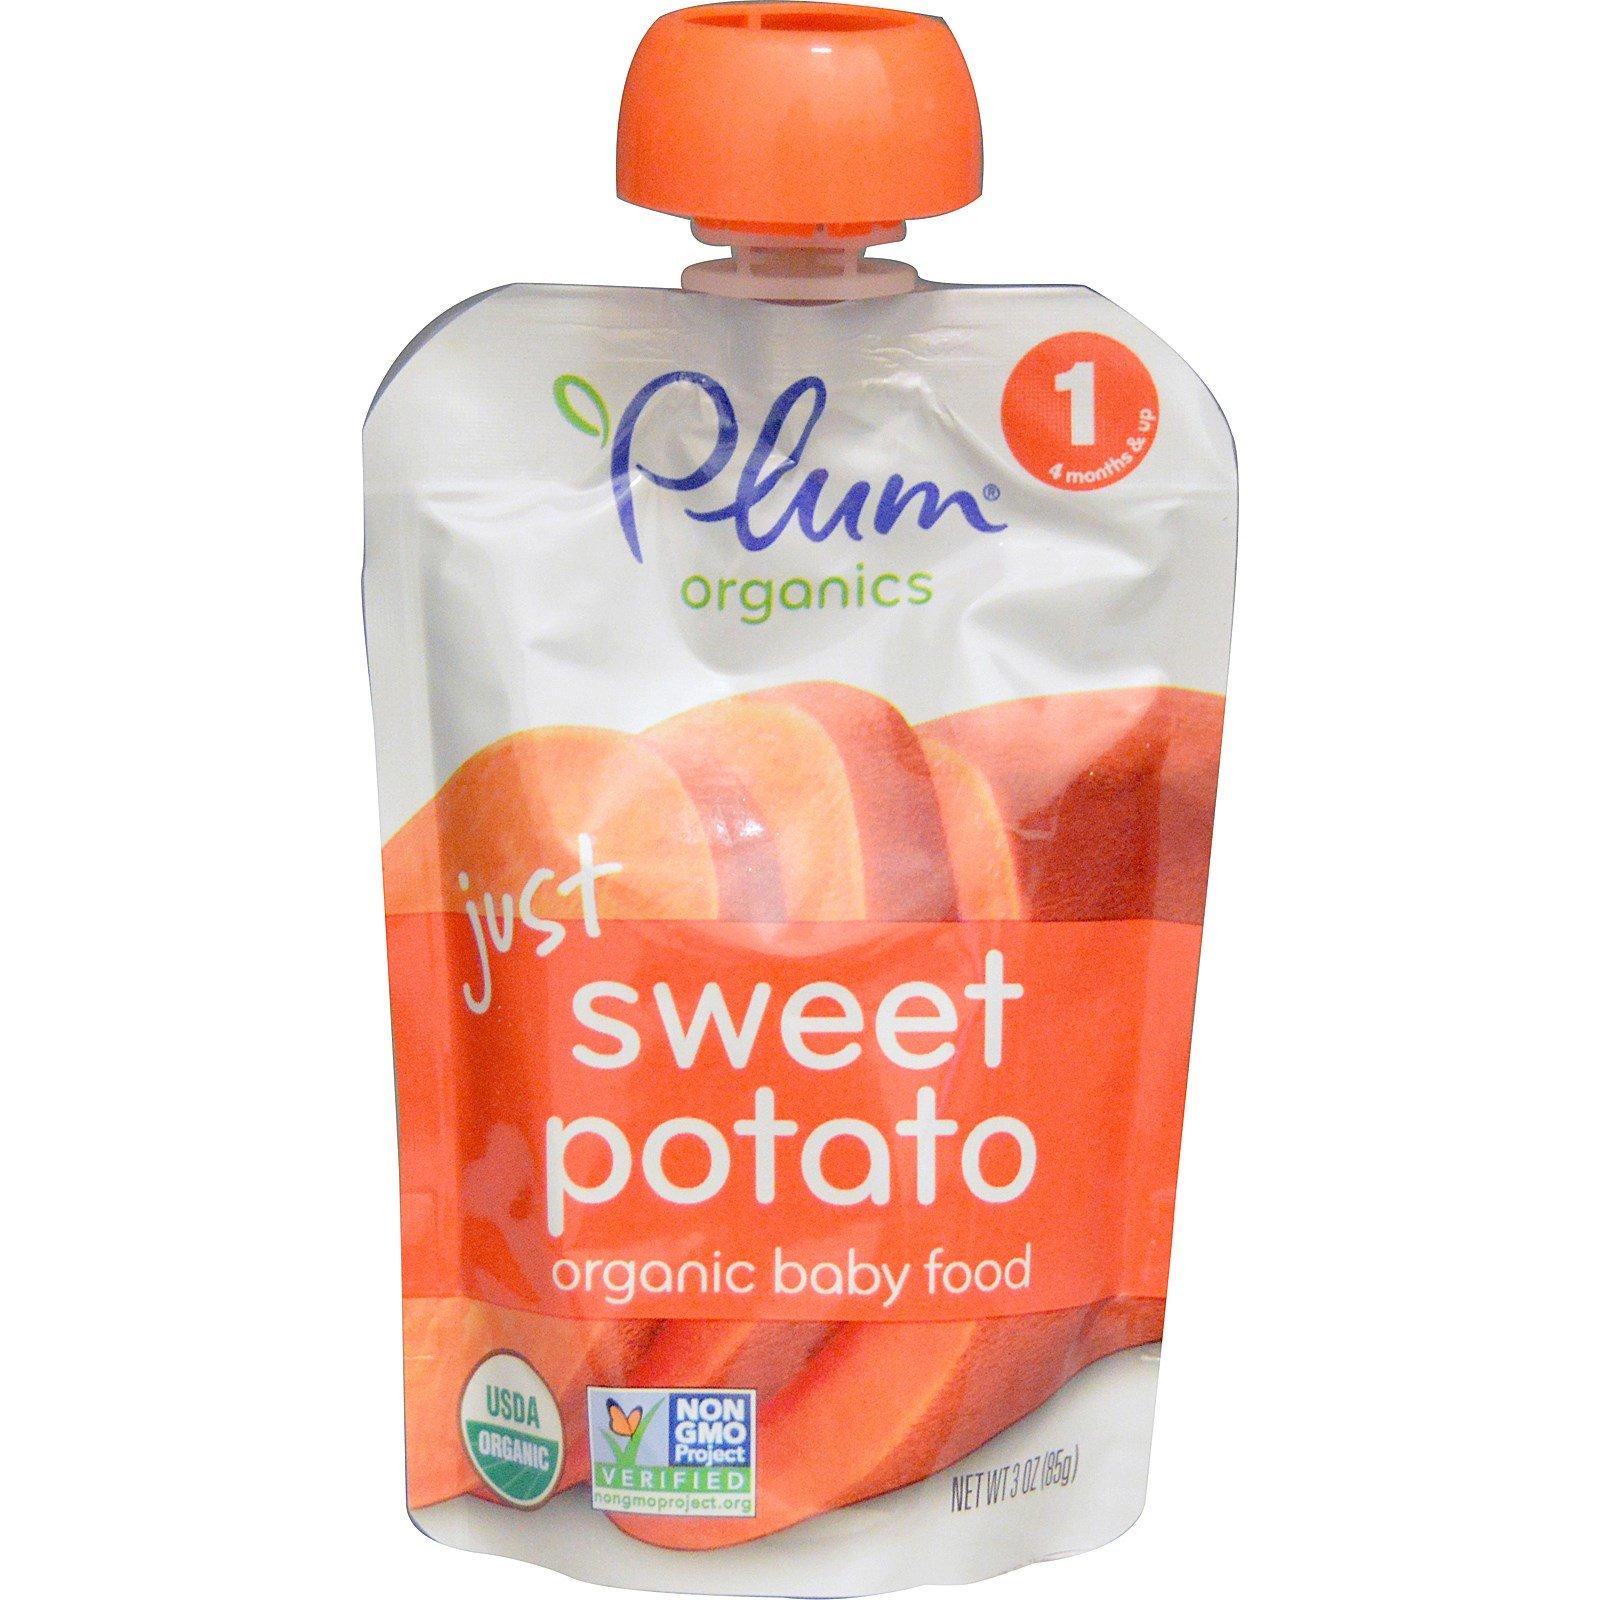 Plum Organics Детское питание сладкий картофель 3 унции (85 г)